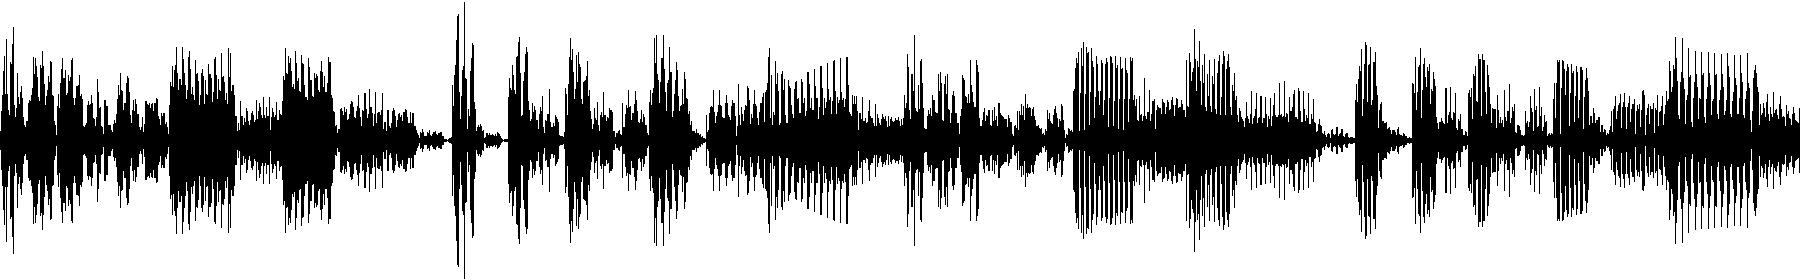 128493 150bpm bassmeat wav